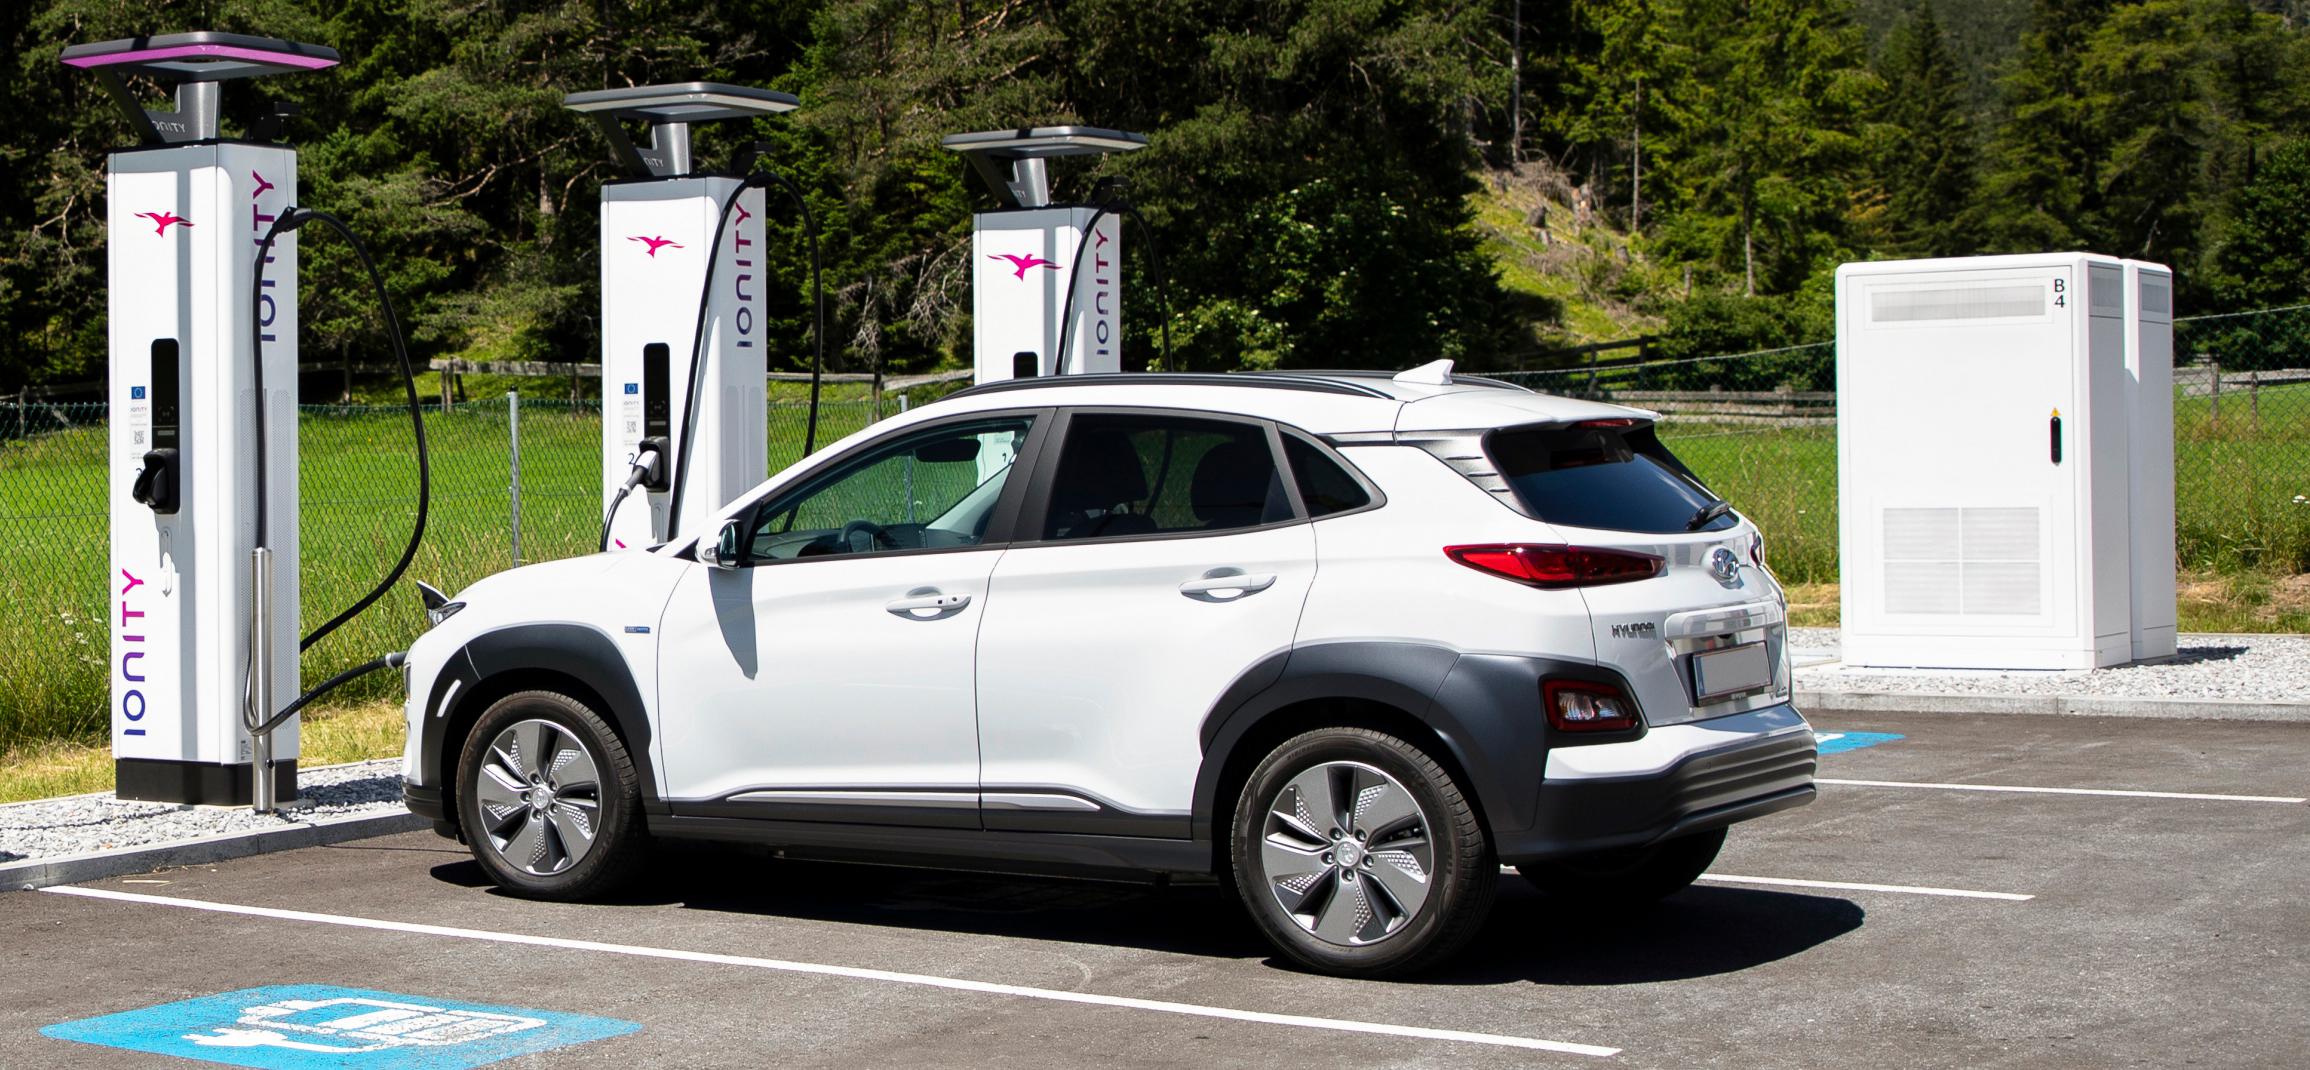 Hyundai utiliza la red de recarga Ionity